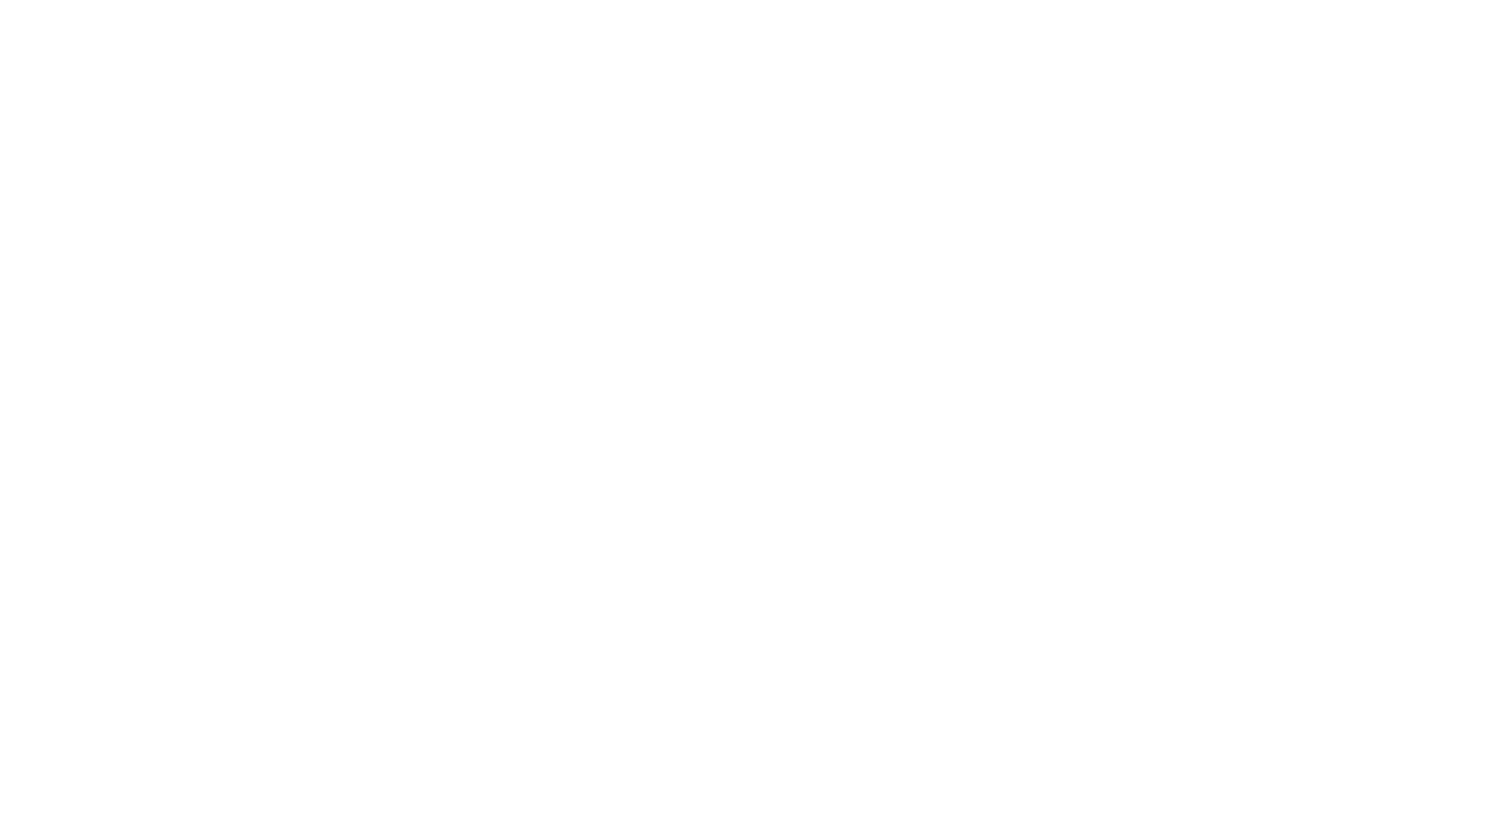 lyvatmaytumway.com